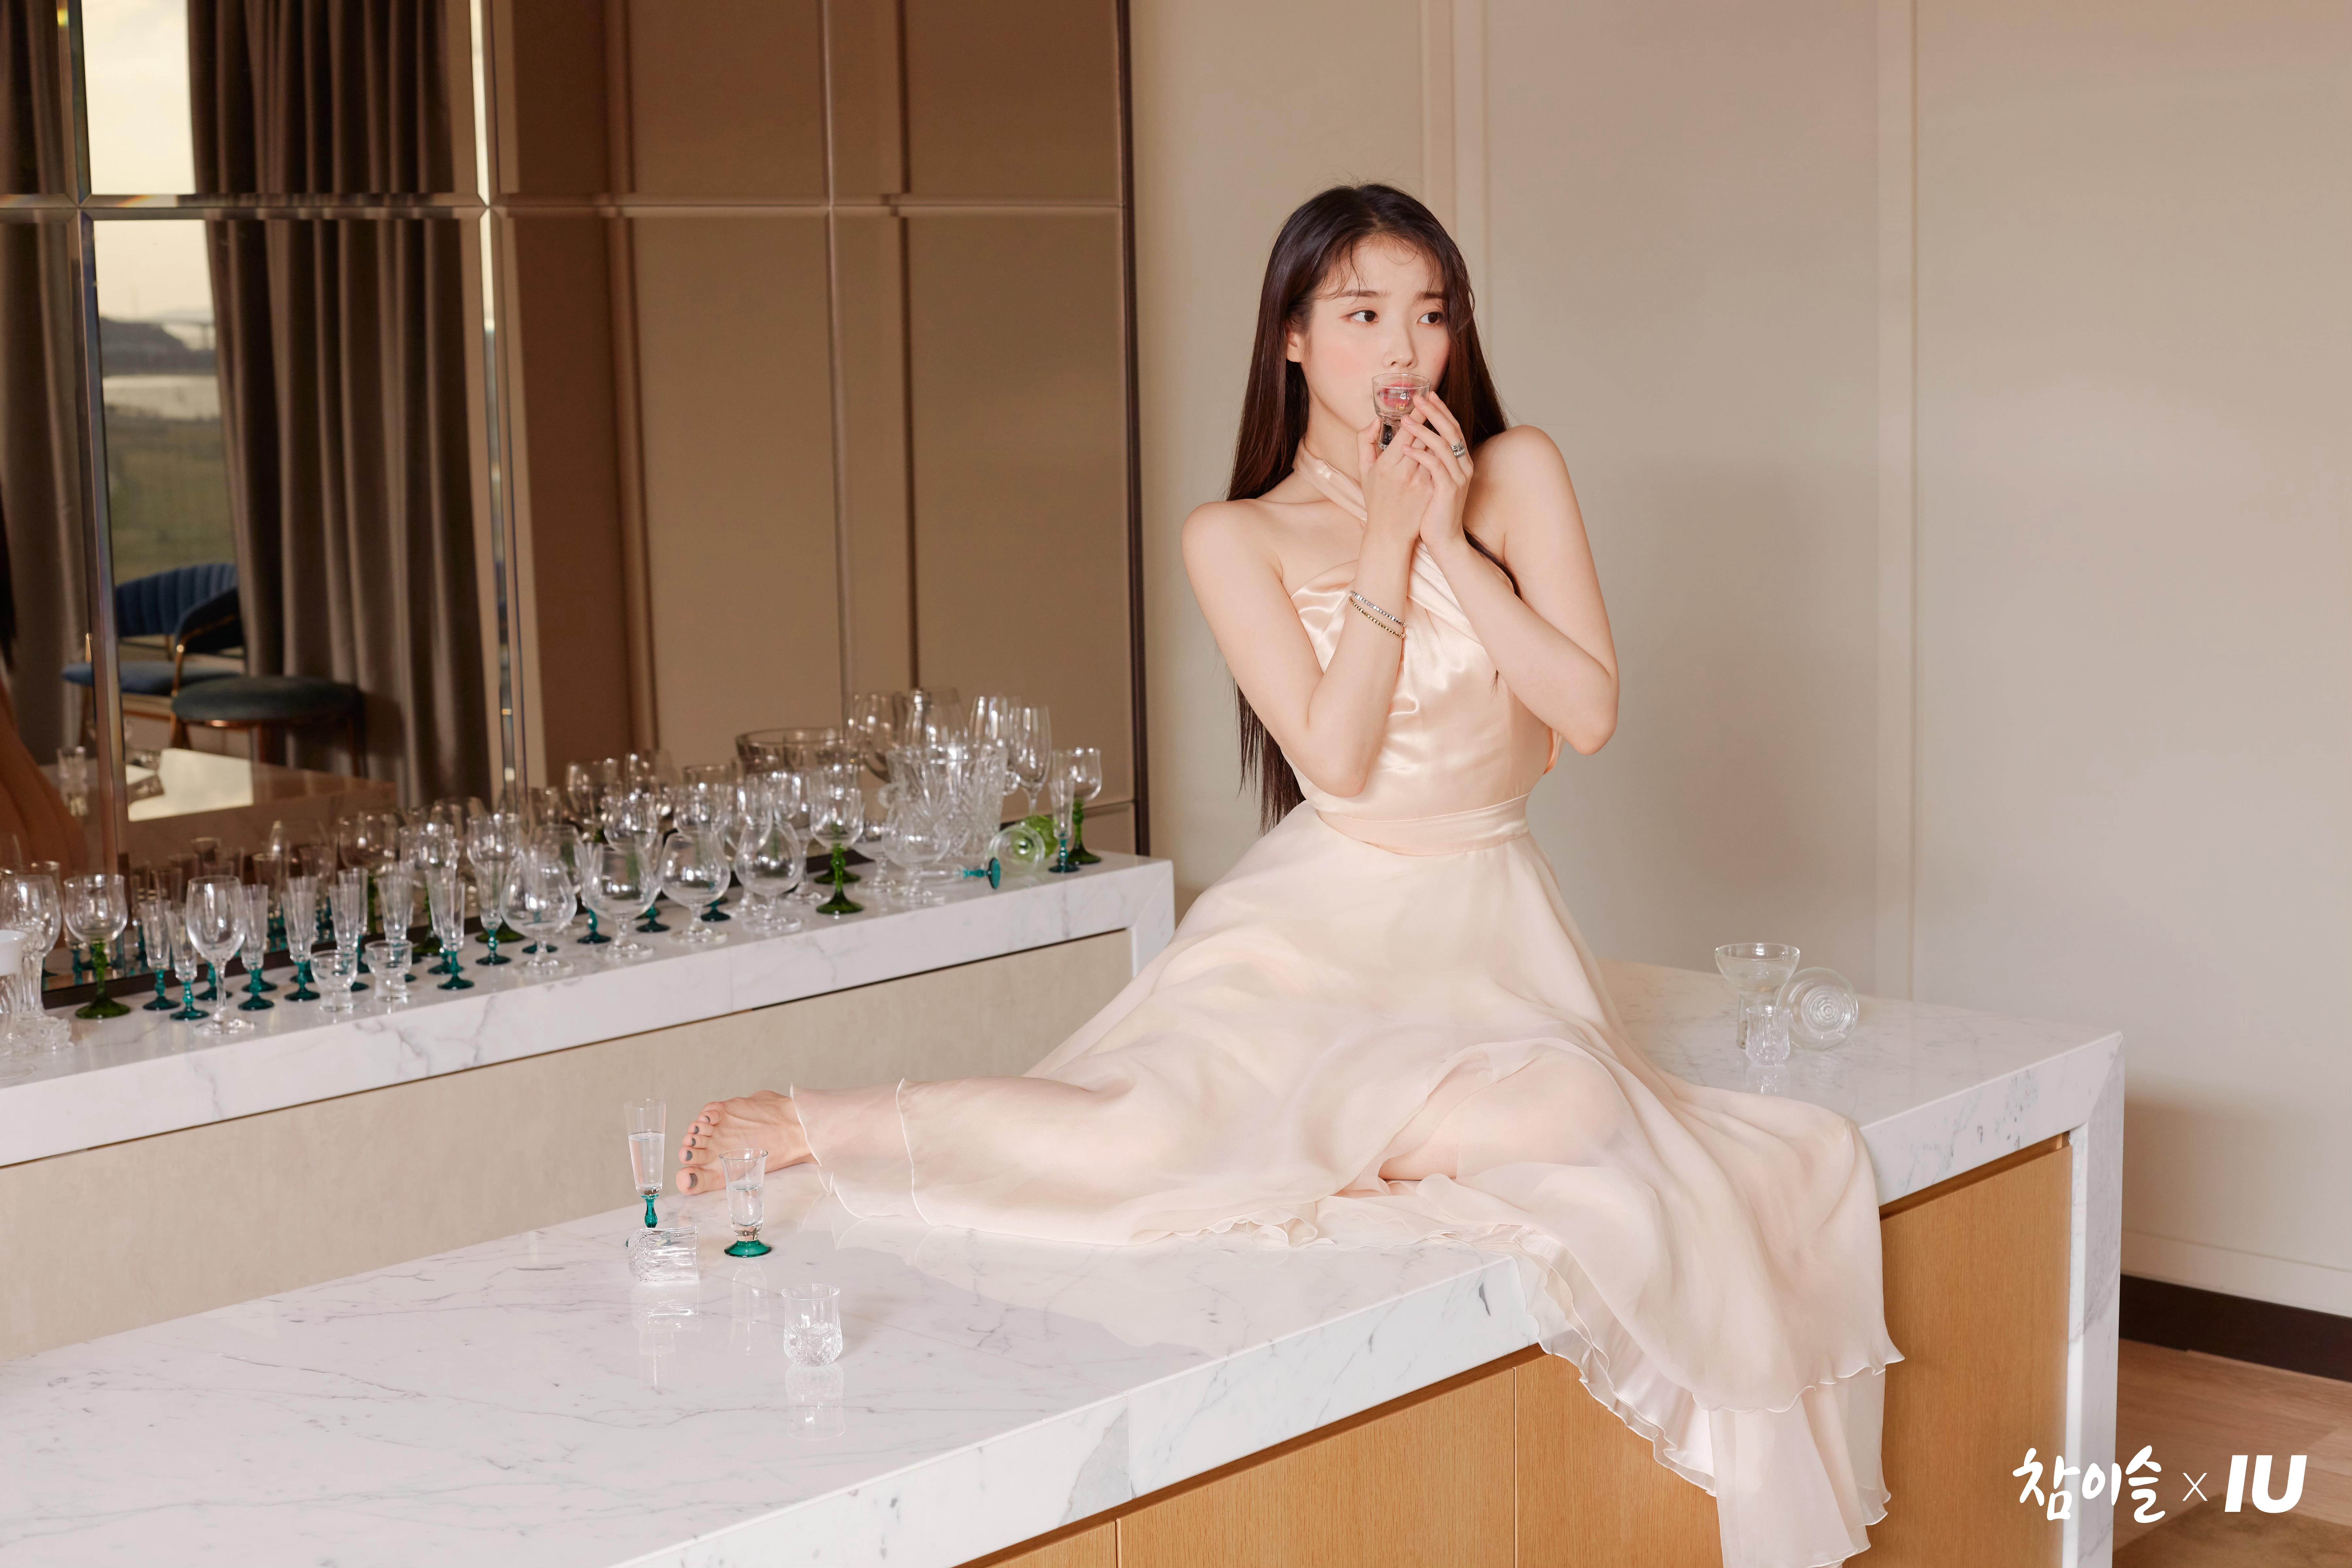 Iu Lee Ji Eun IU 7194x4796